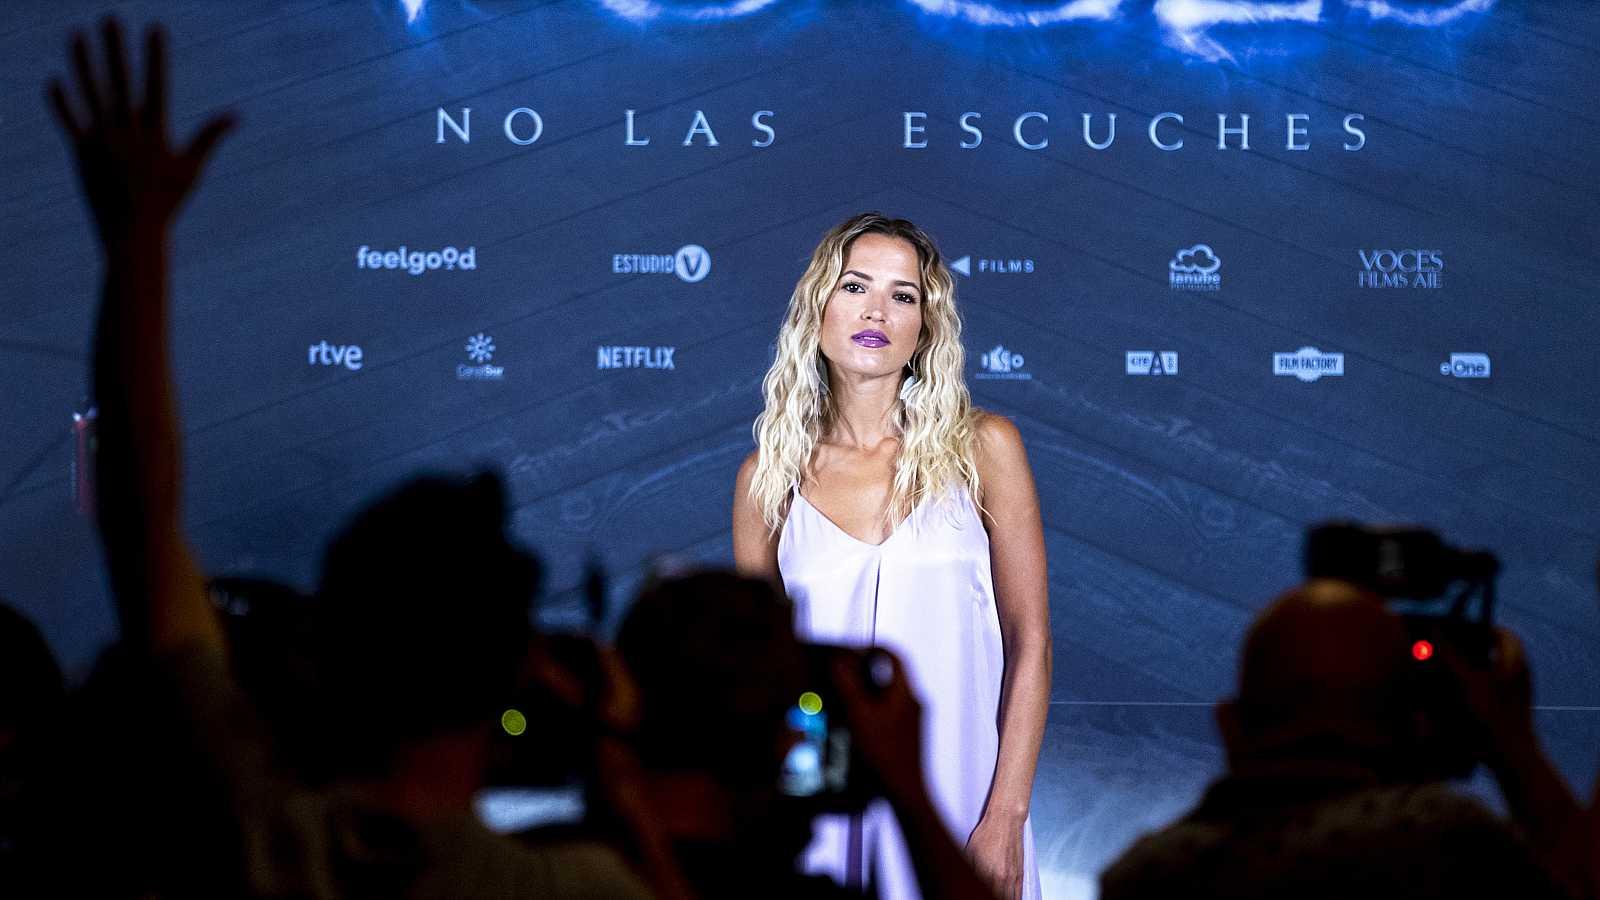 Ana Fernández, a dos metros de distancia de la prensa en el photocall de la película 'Voces'